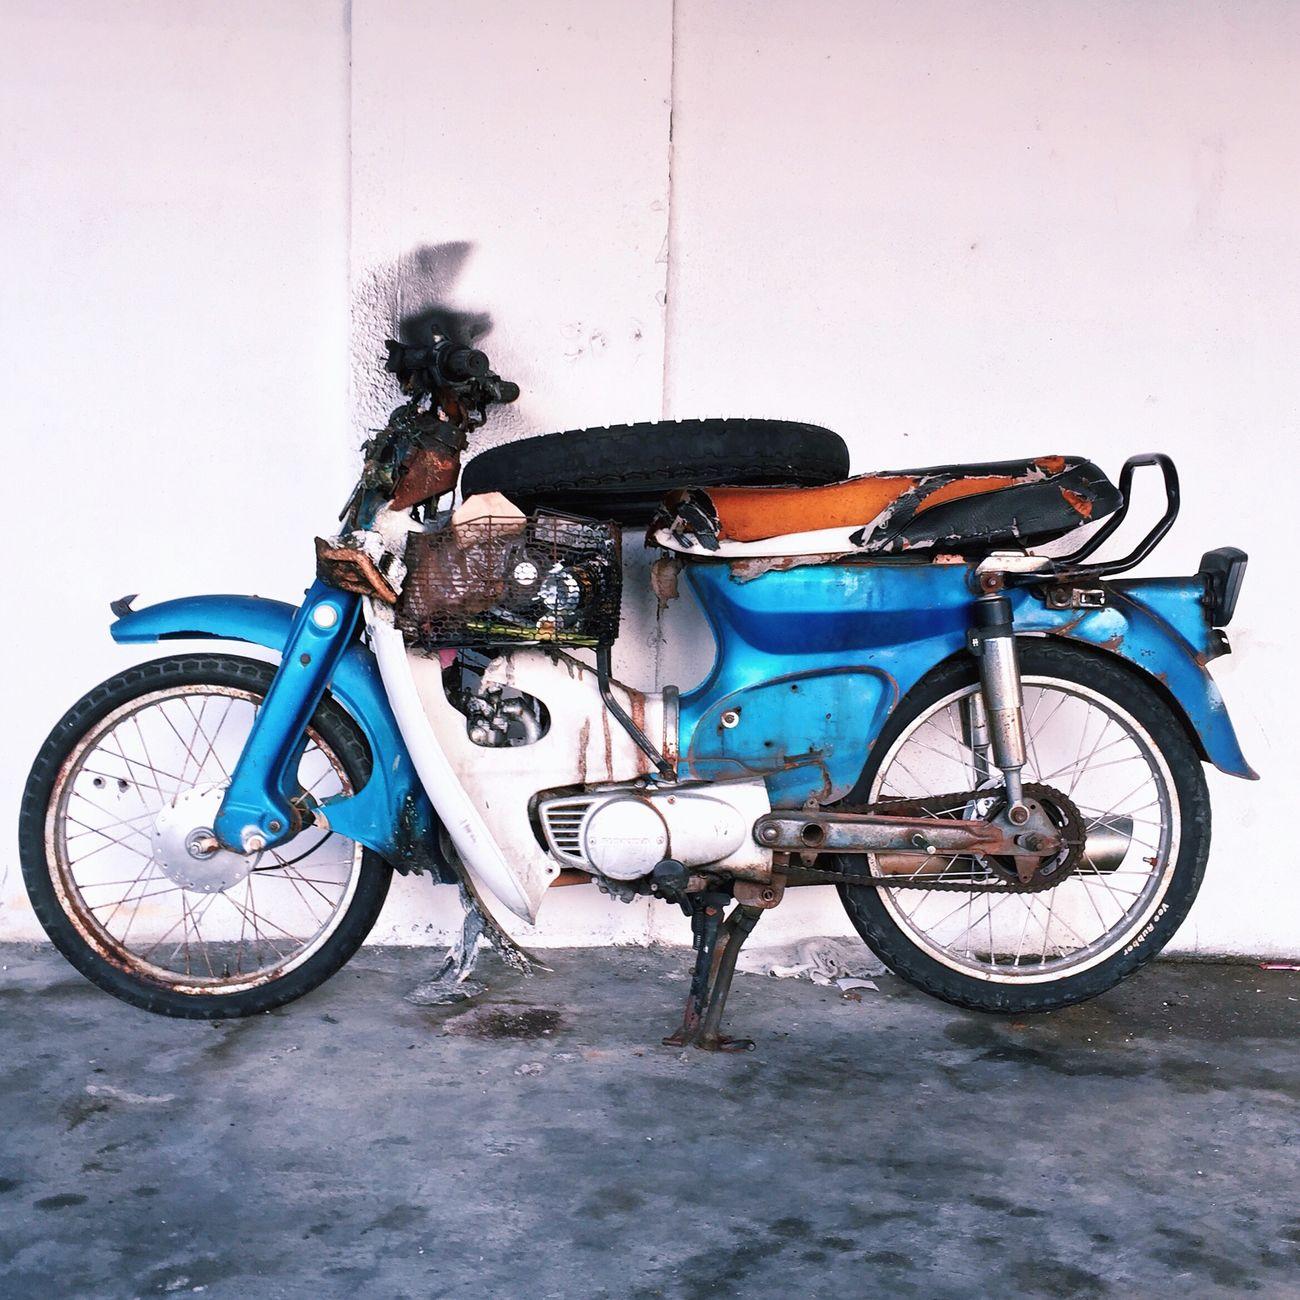 VSCO Vscocam Vscogrid Vscophile Vscogood Igers Honda Hondac70